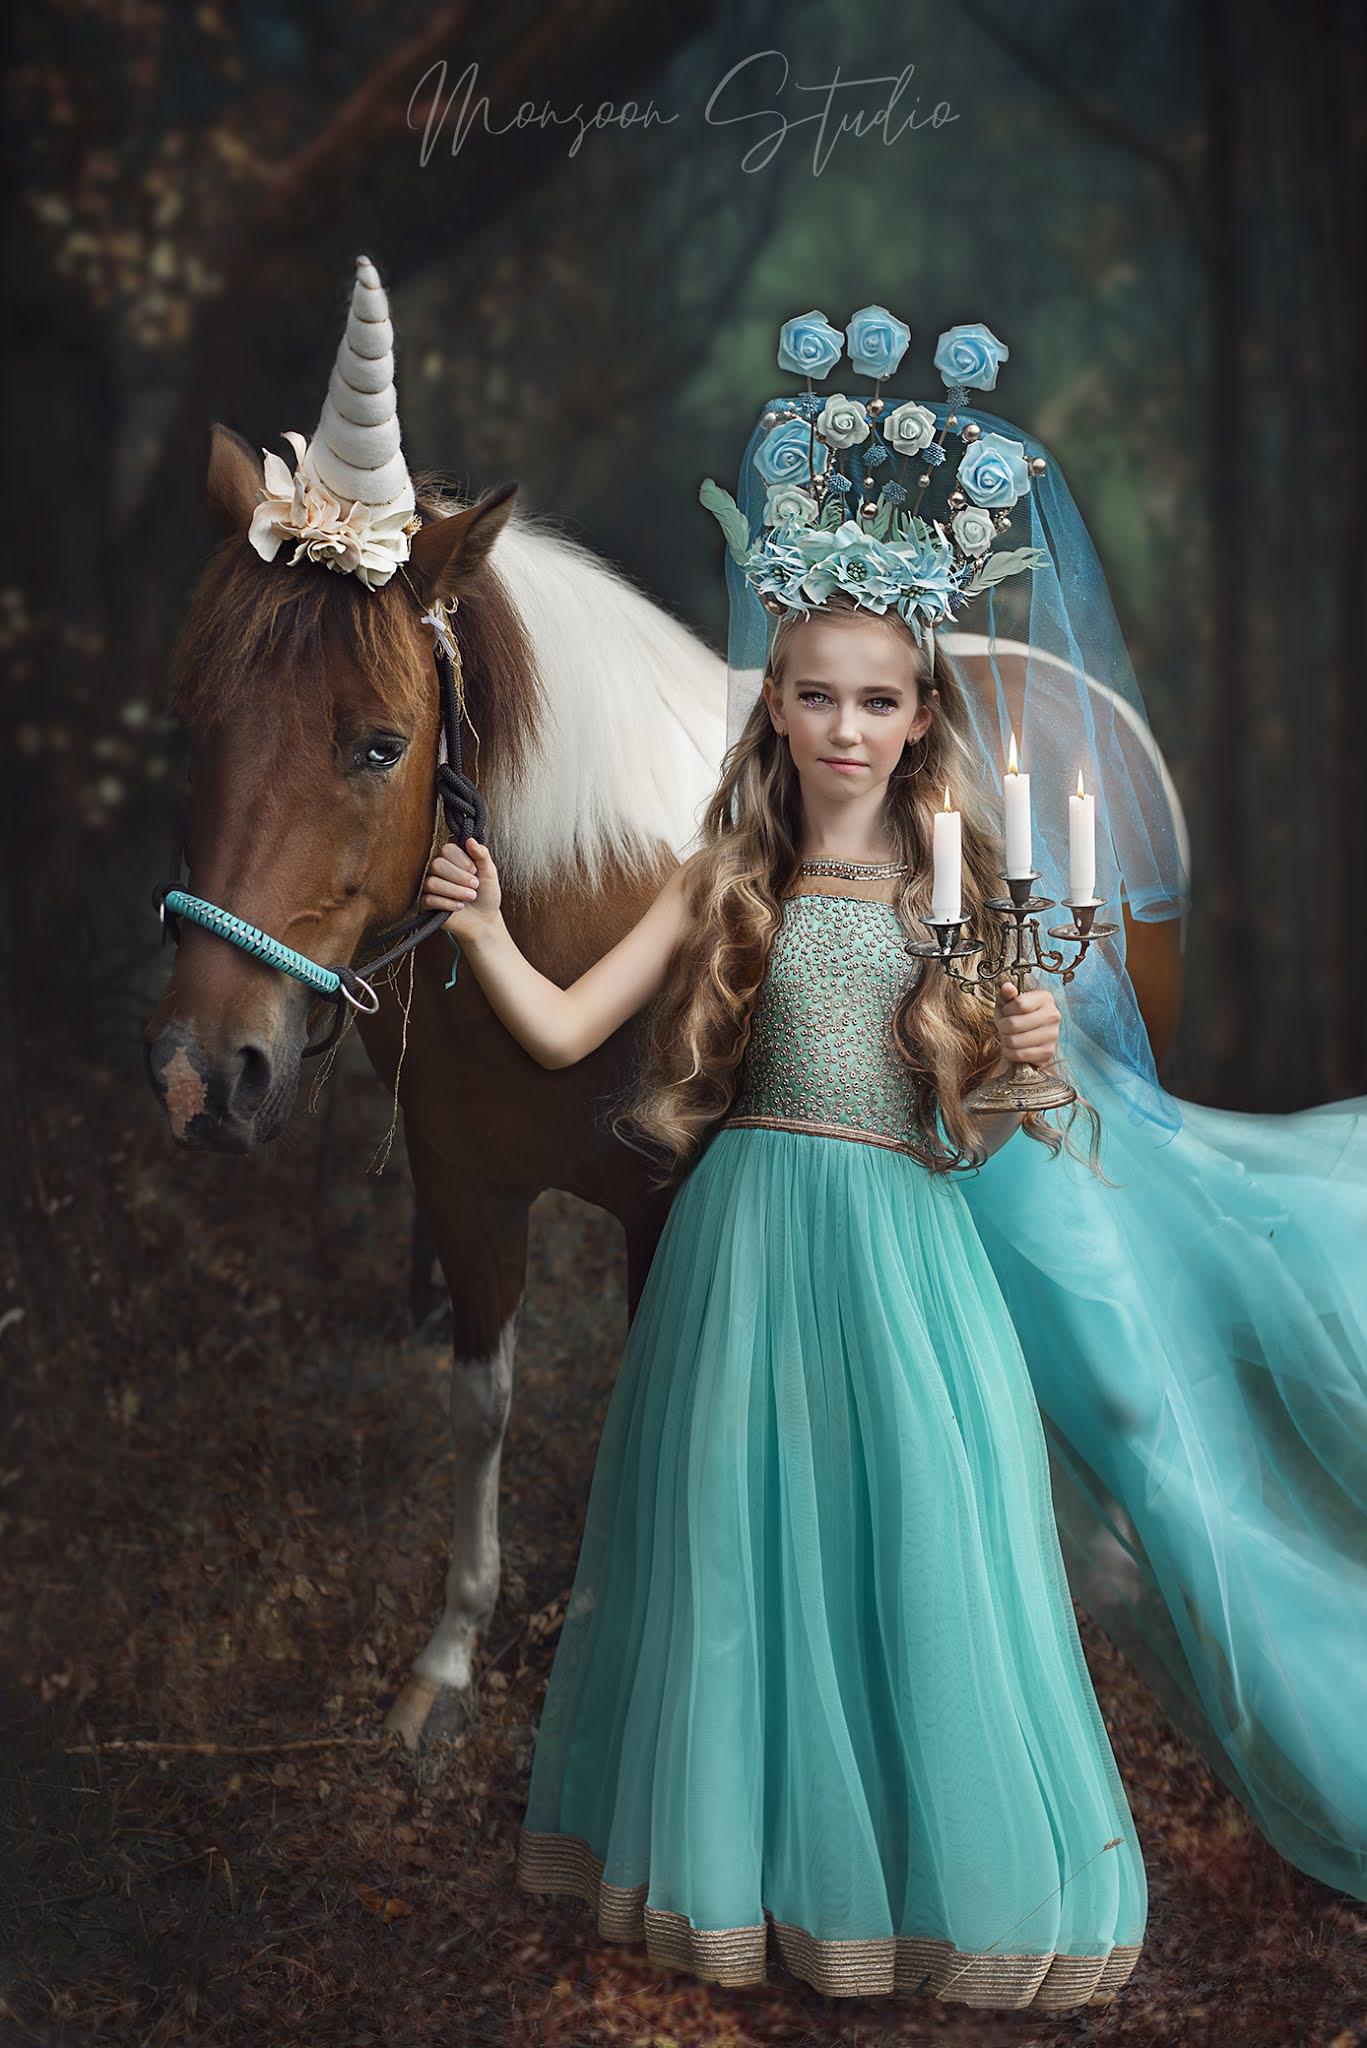 artystyczny portret, sesje z koniem, fotografia artystyczna